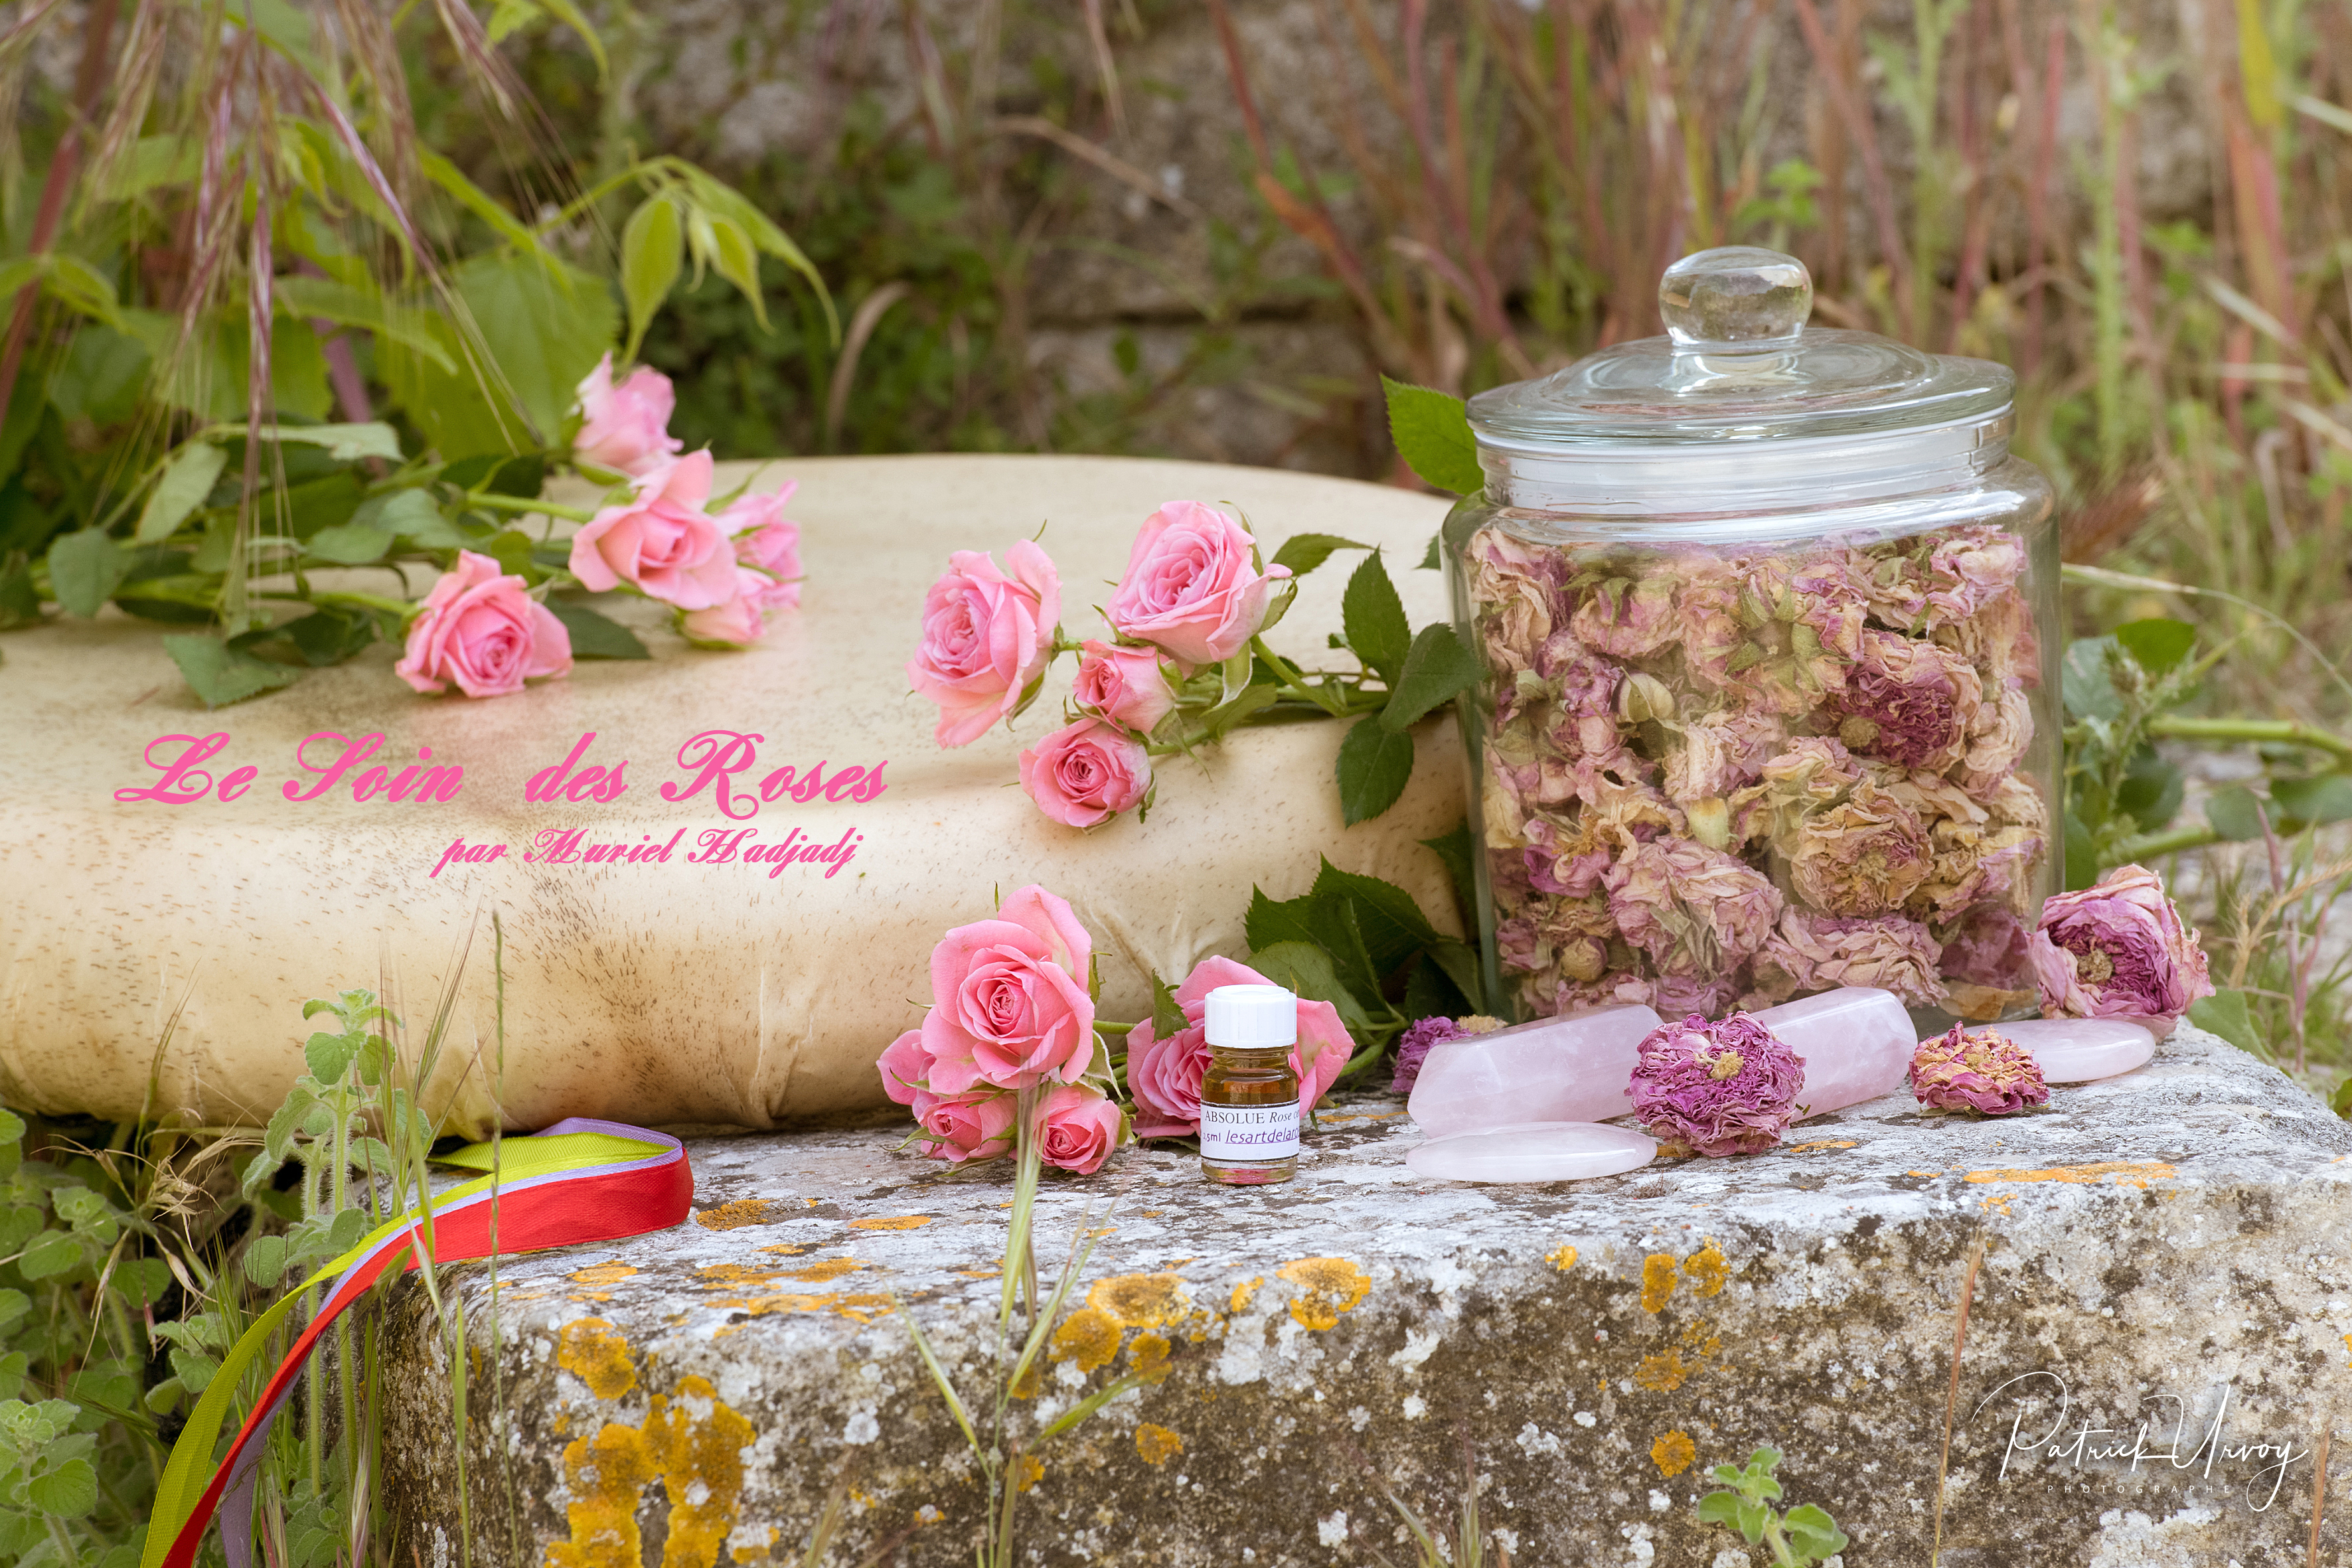 Massage Le soin des roses